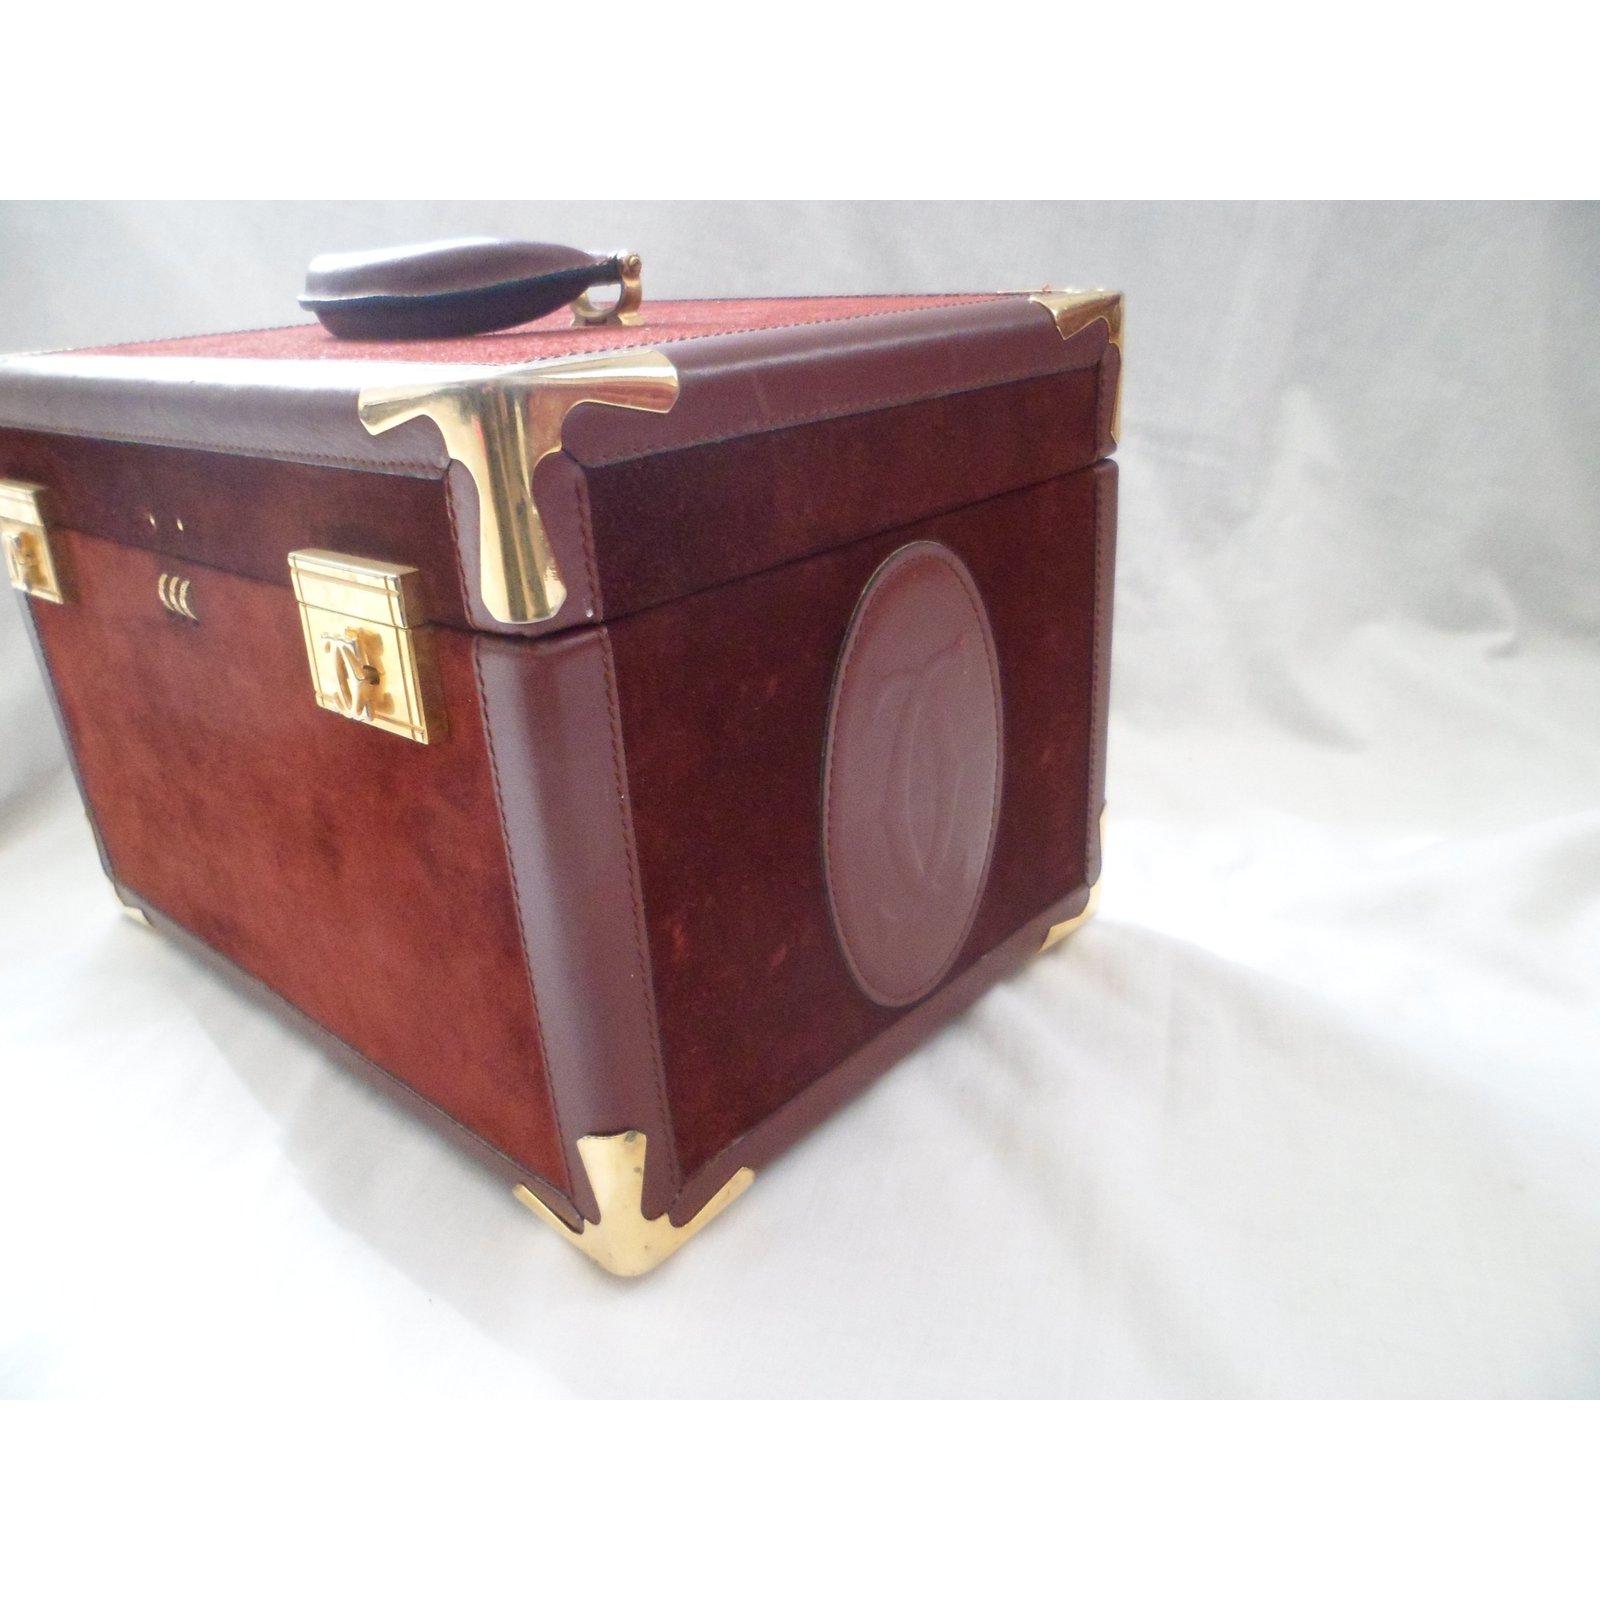 764b0e98463e Sacs de voyage Cartier Sacs de voyage Daim Bordeaux ref 15897 Joli Closet